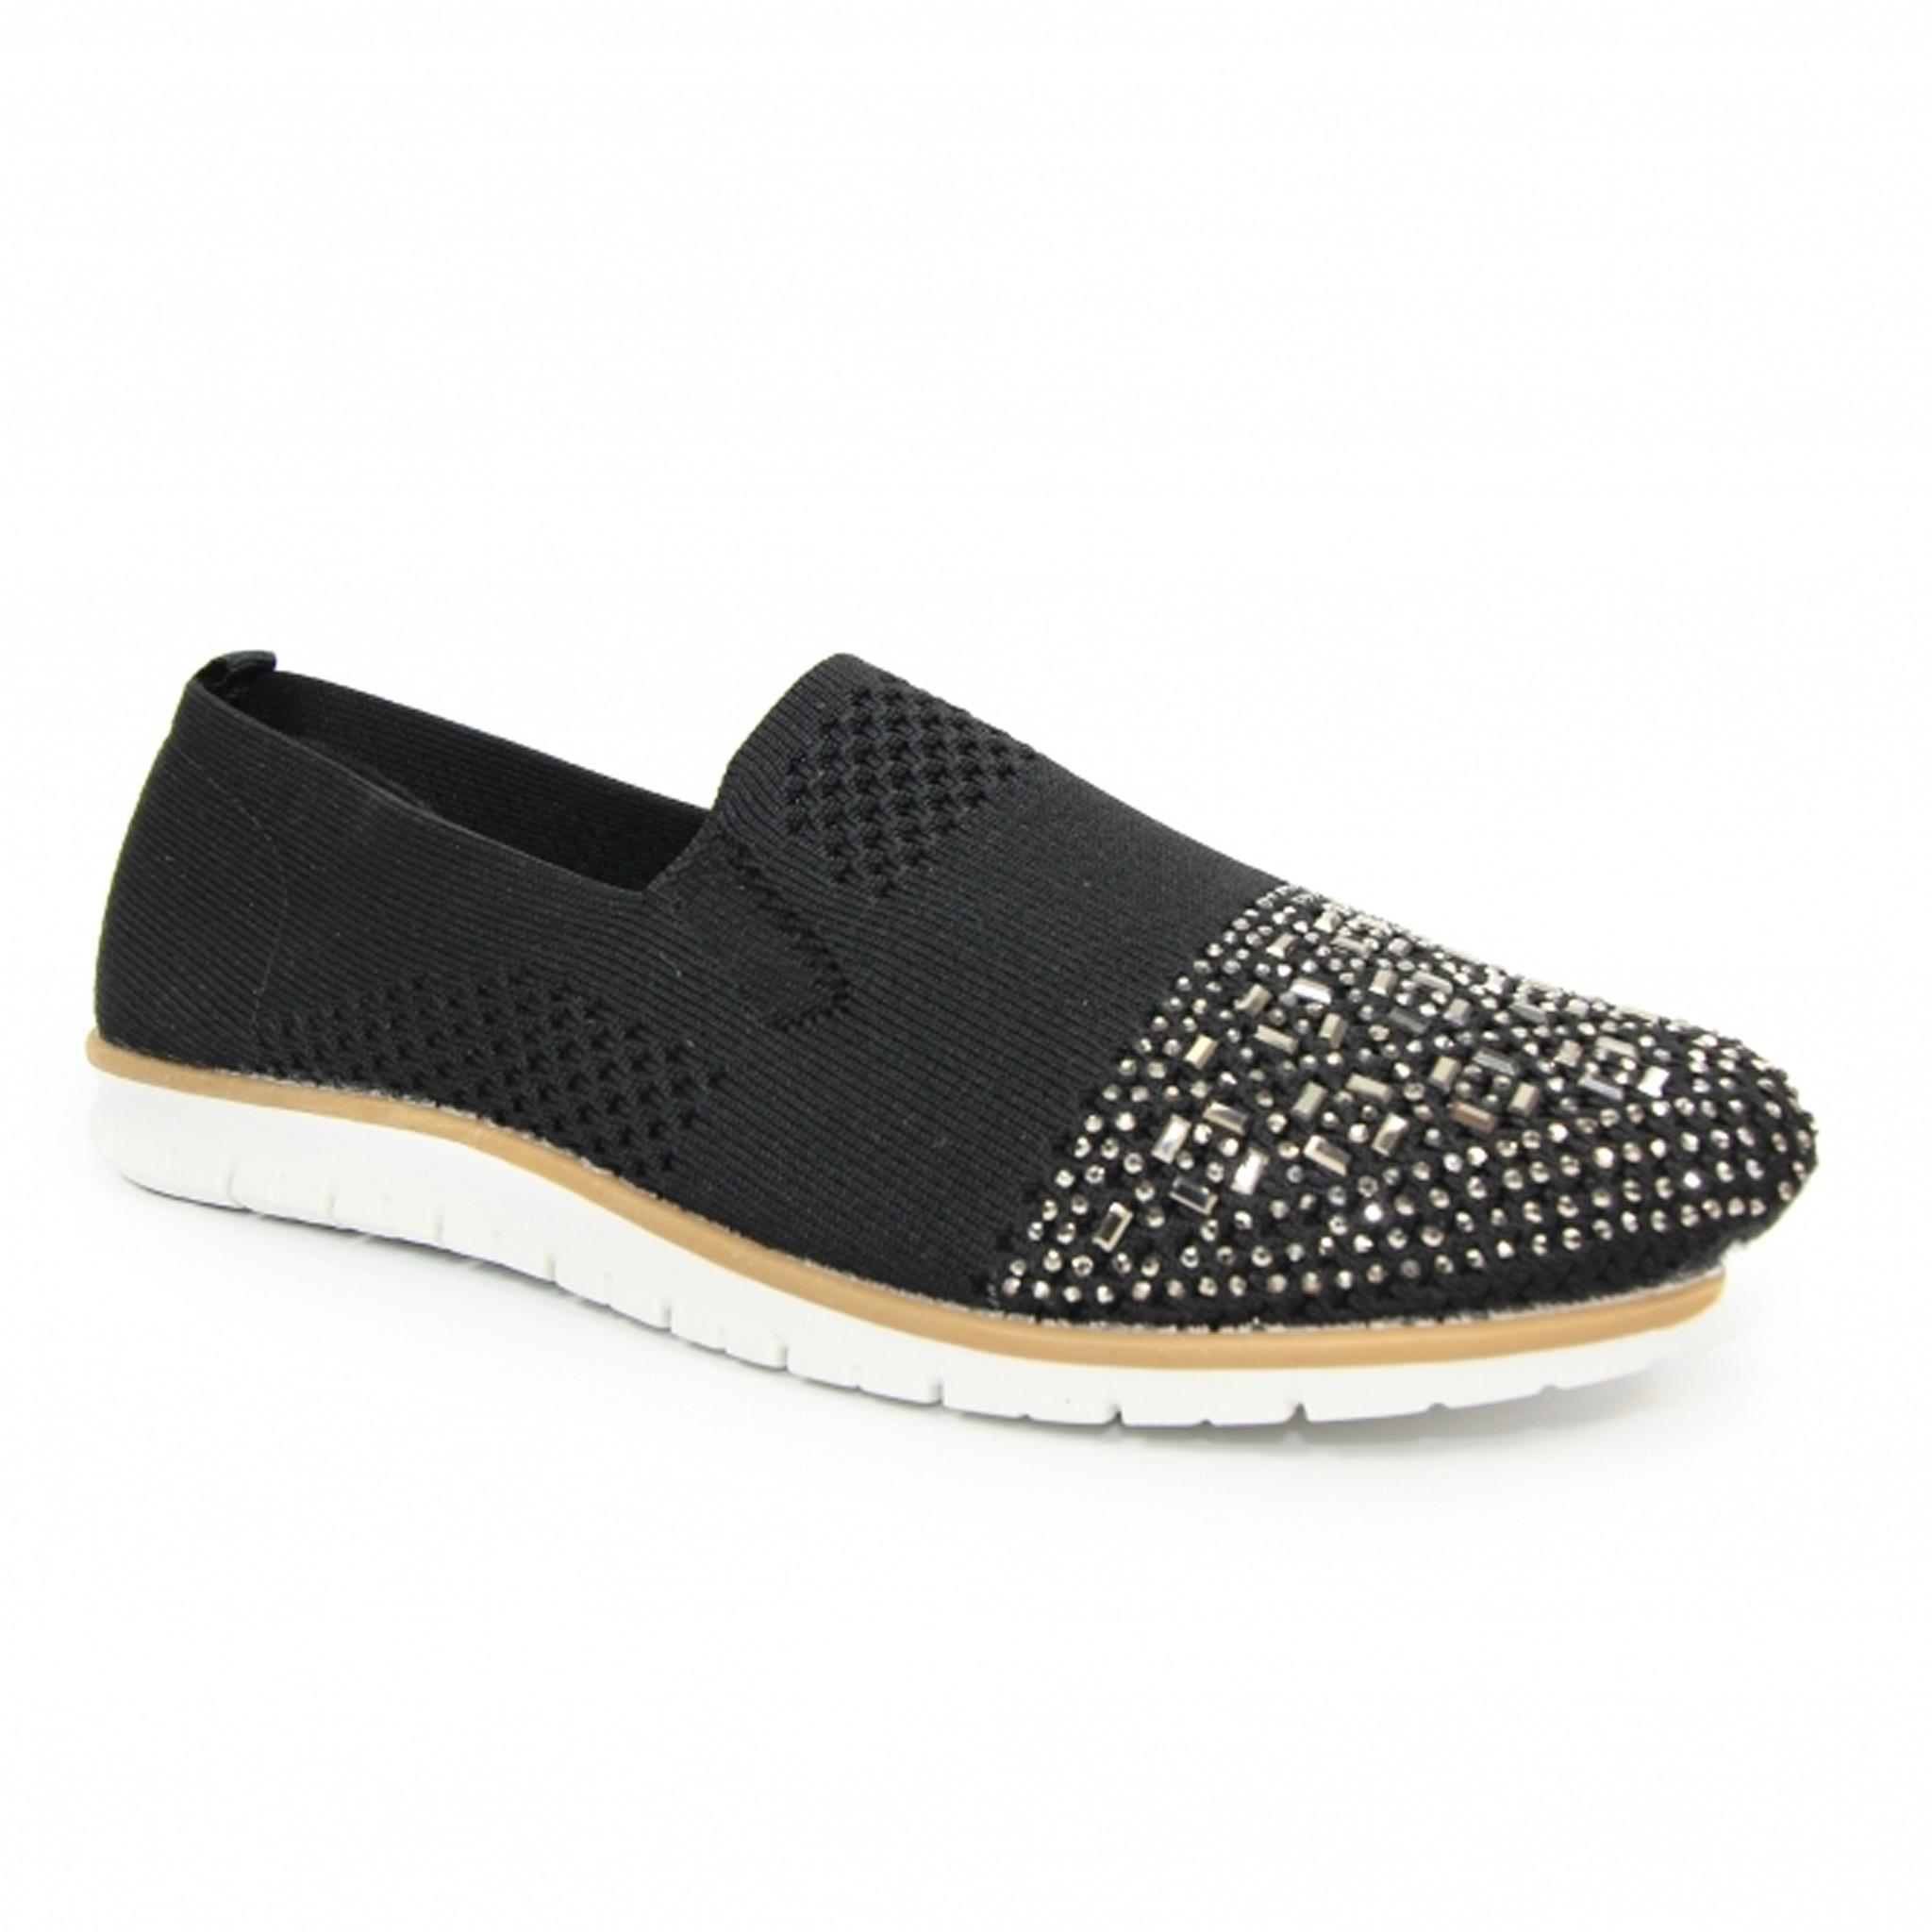 owen-elasticated-shoe-p3950-248563_mediu